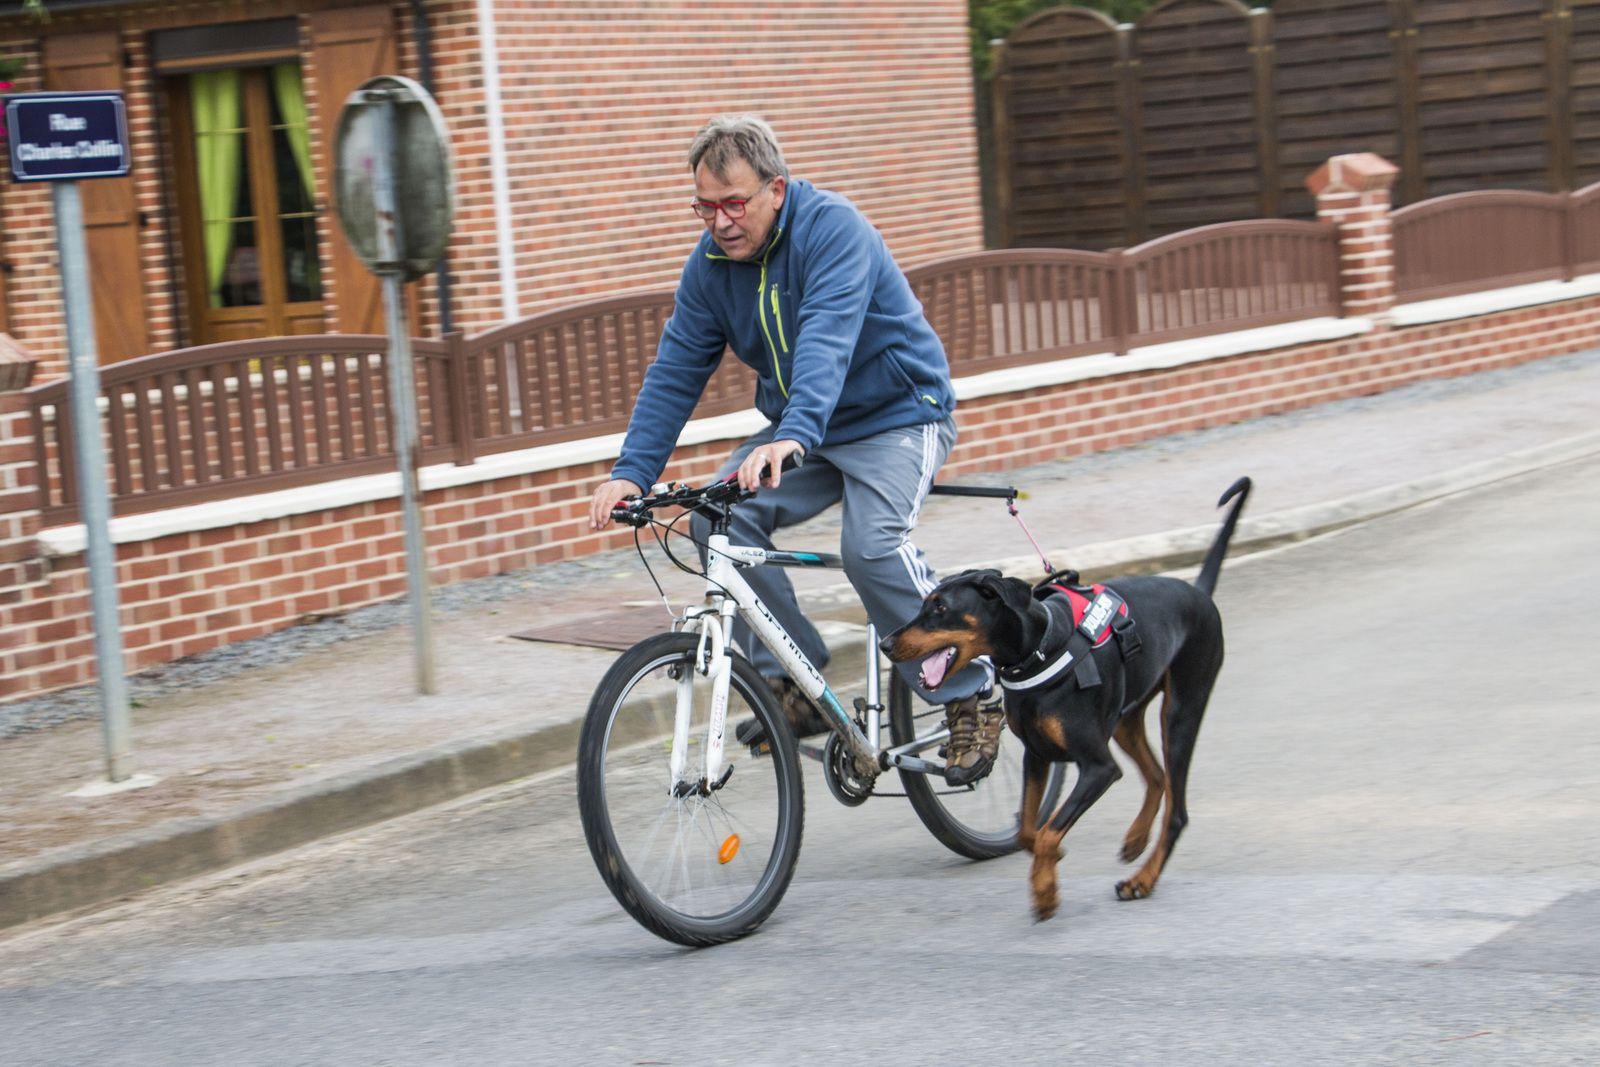 En toutes circonstances, Pixelle doit rester parallèle au vélo...